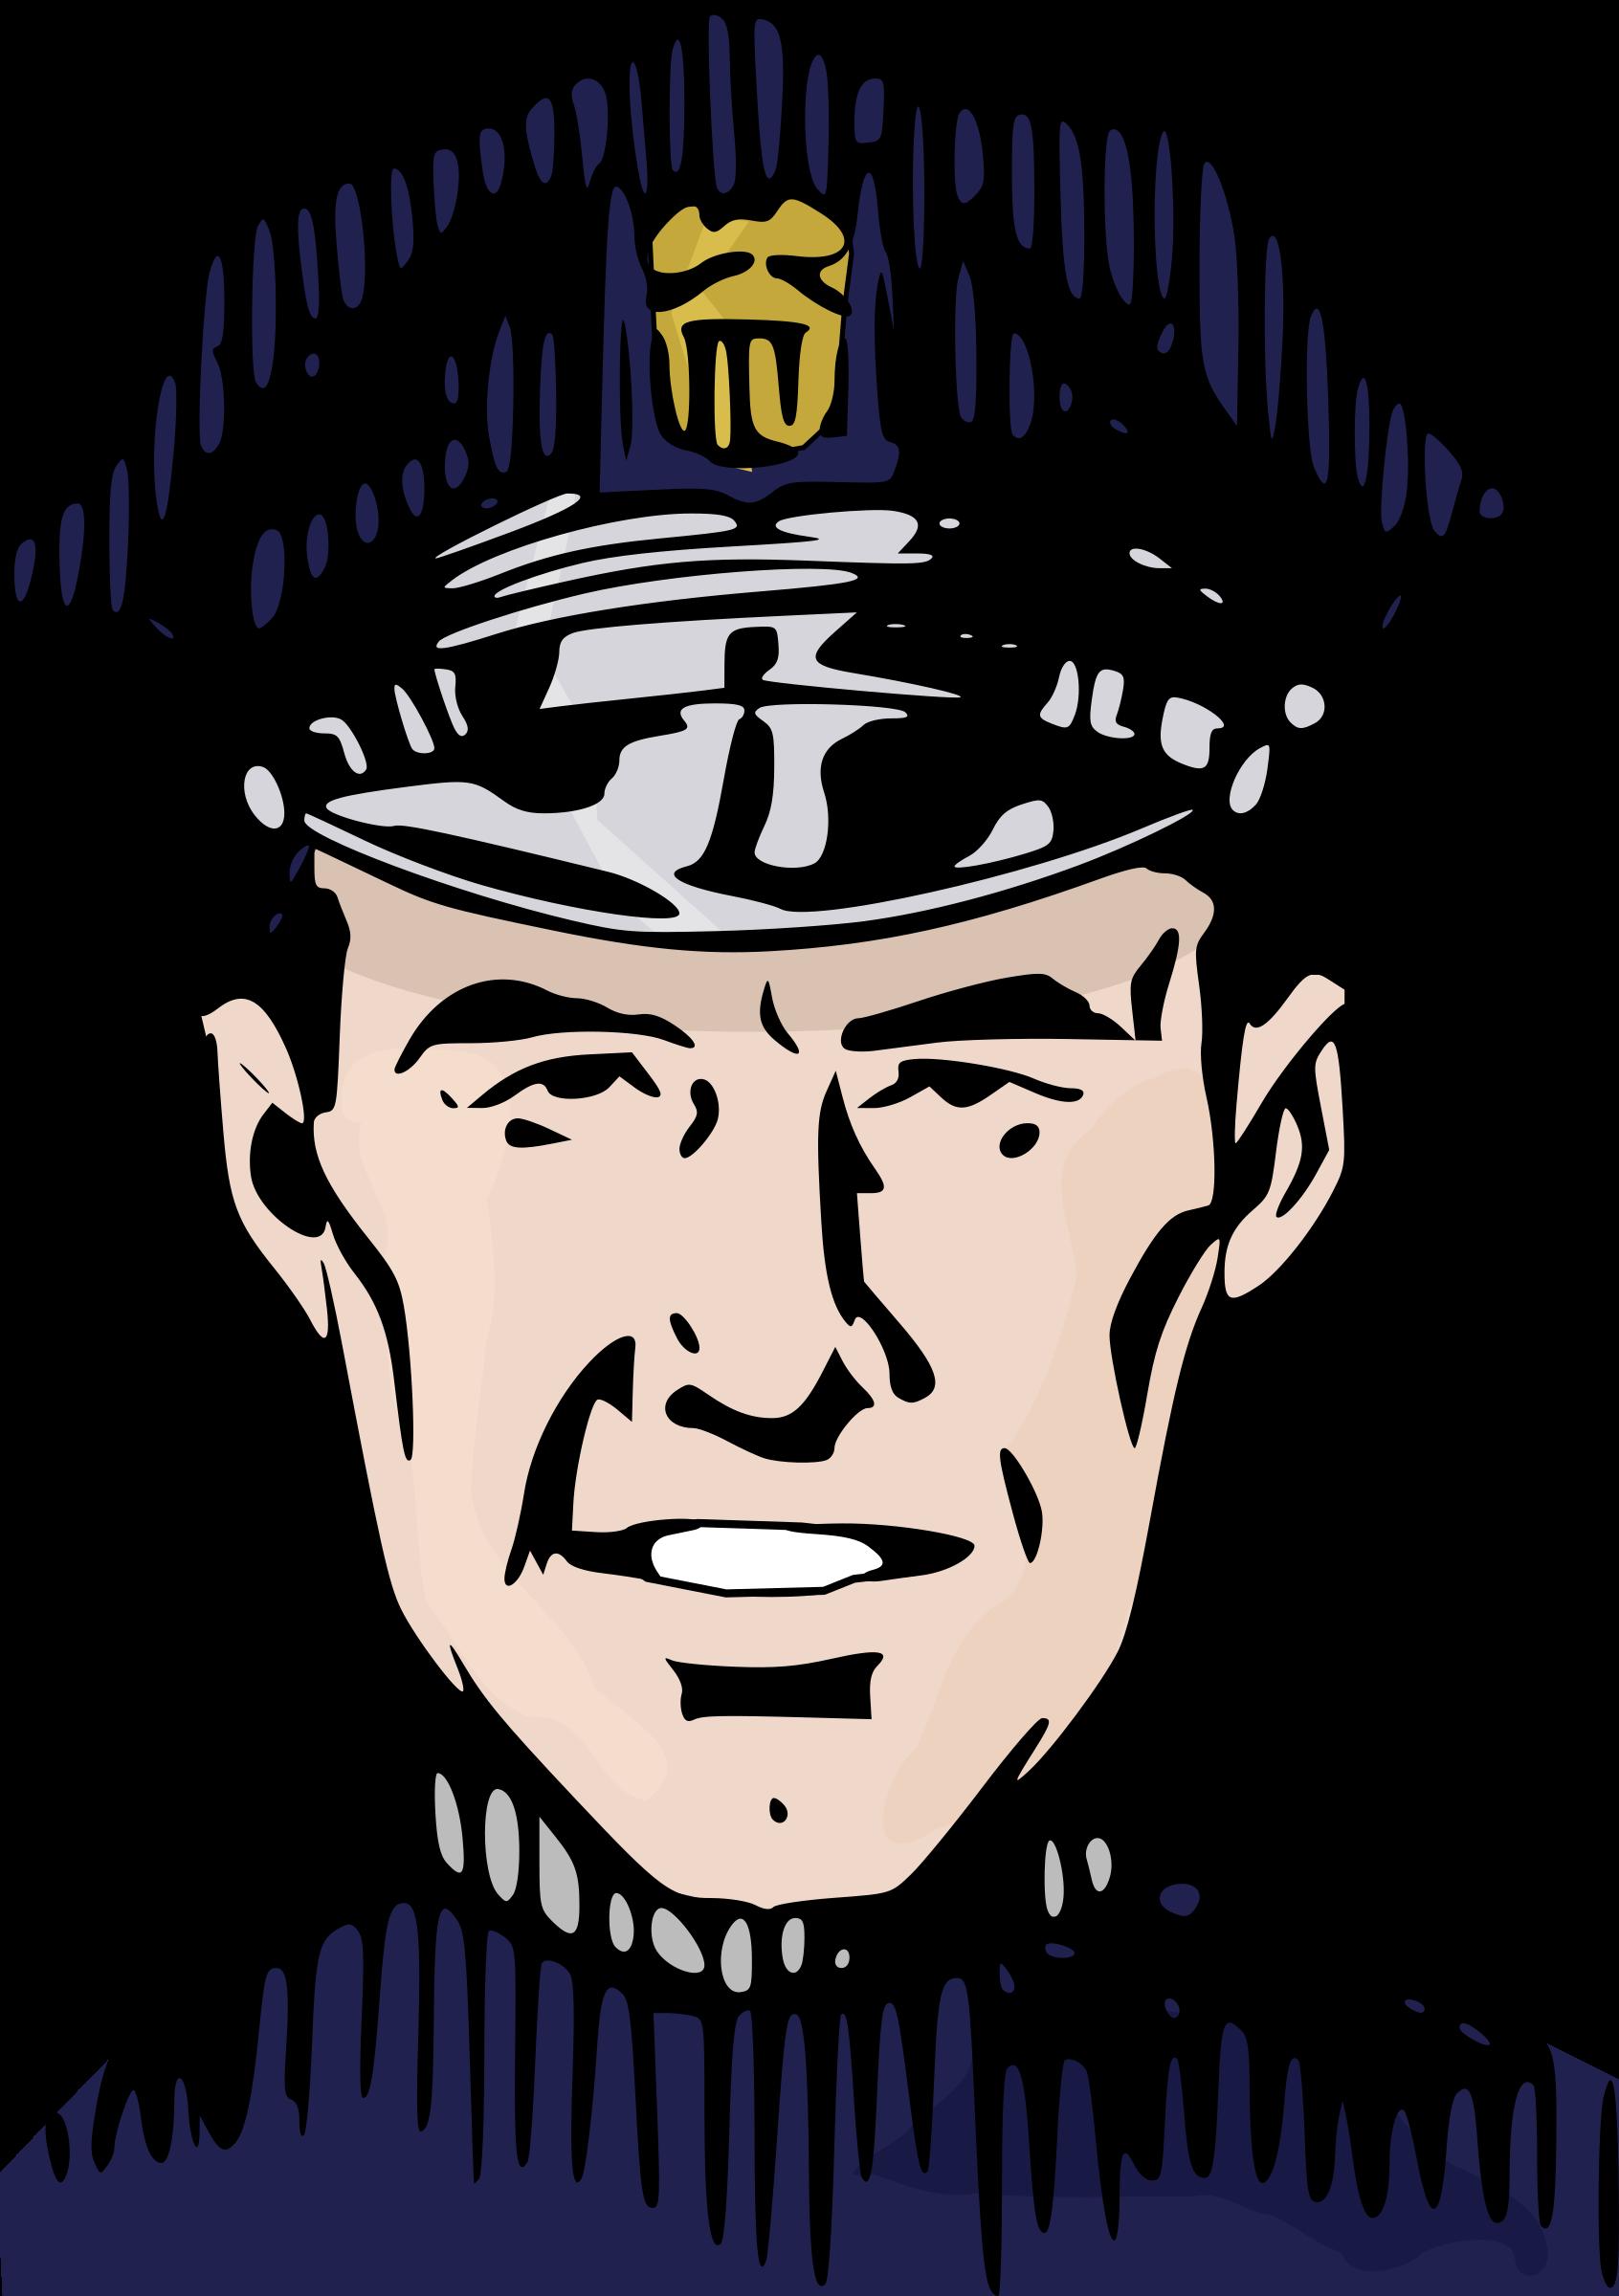 Policeman colour big image. Color clipart city